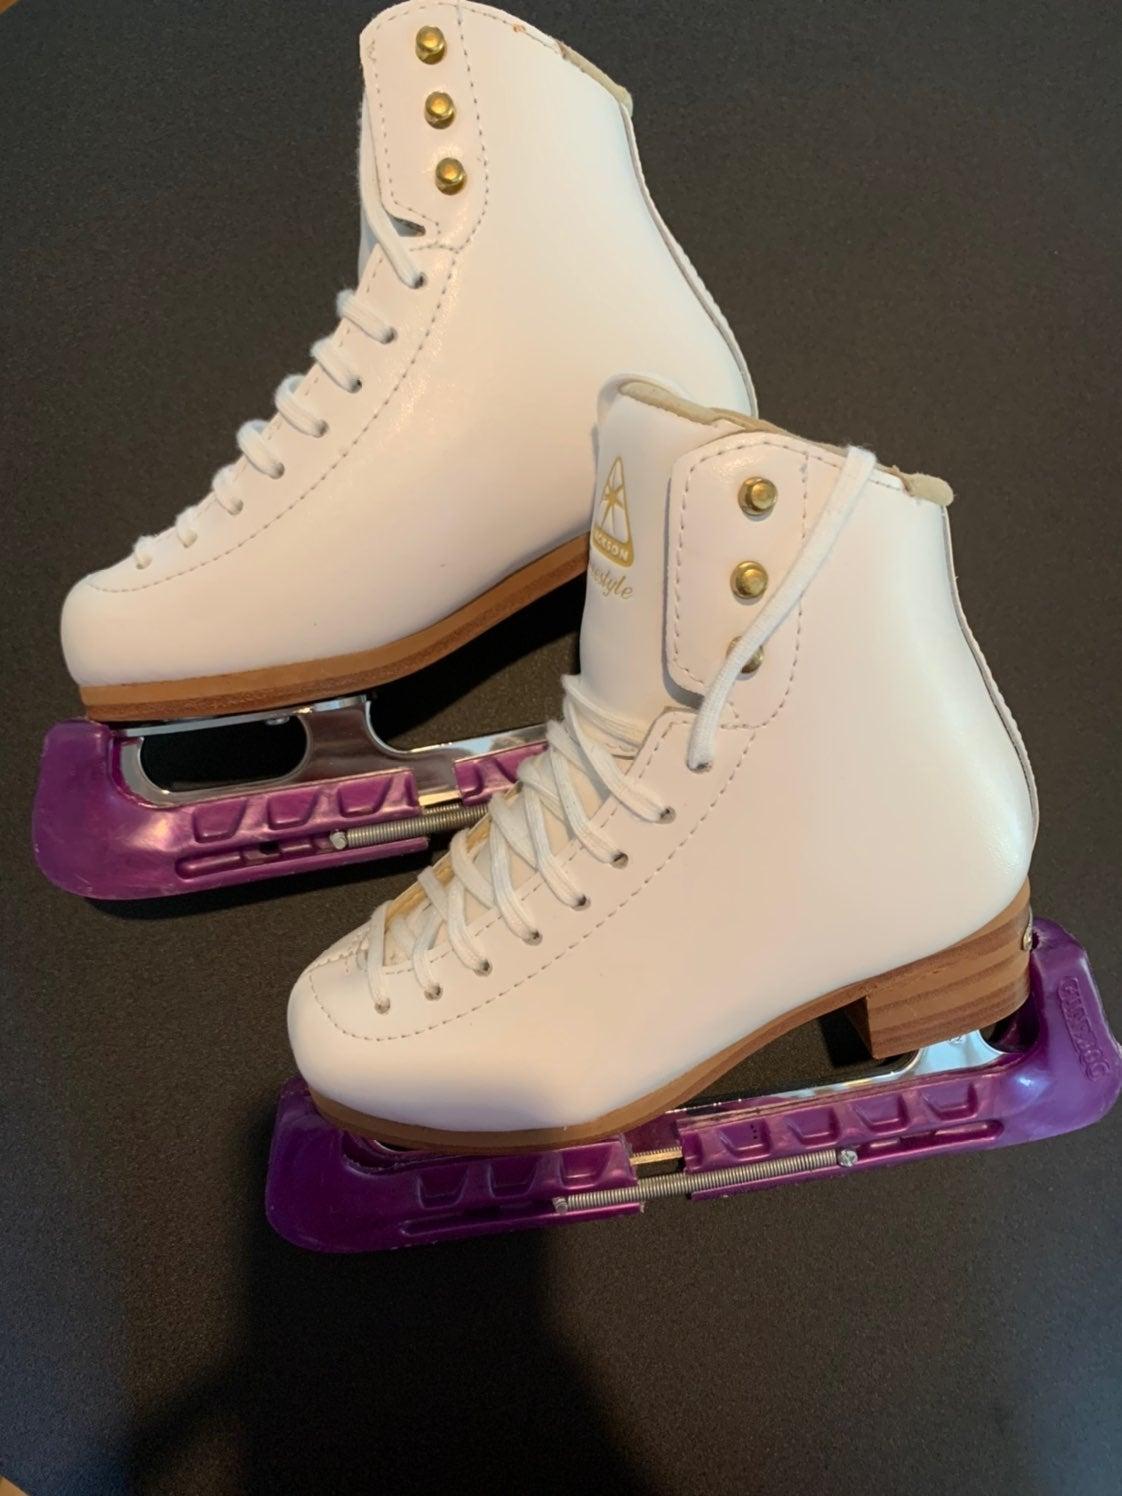 Jackson Freestyle Kids Ice Skates!!